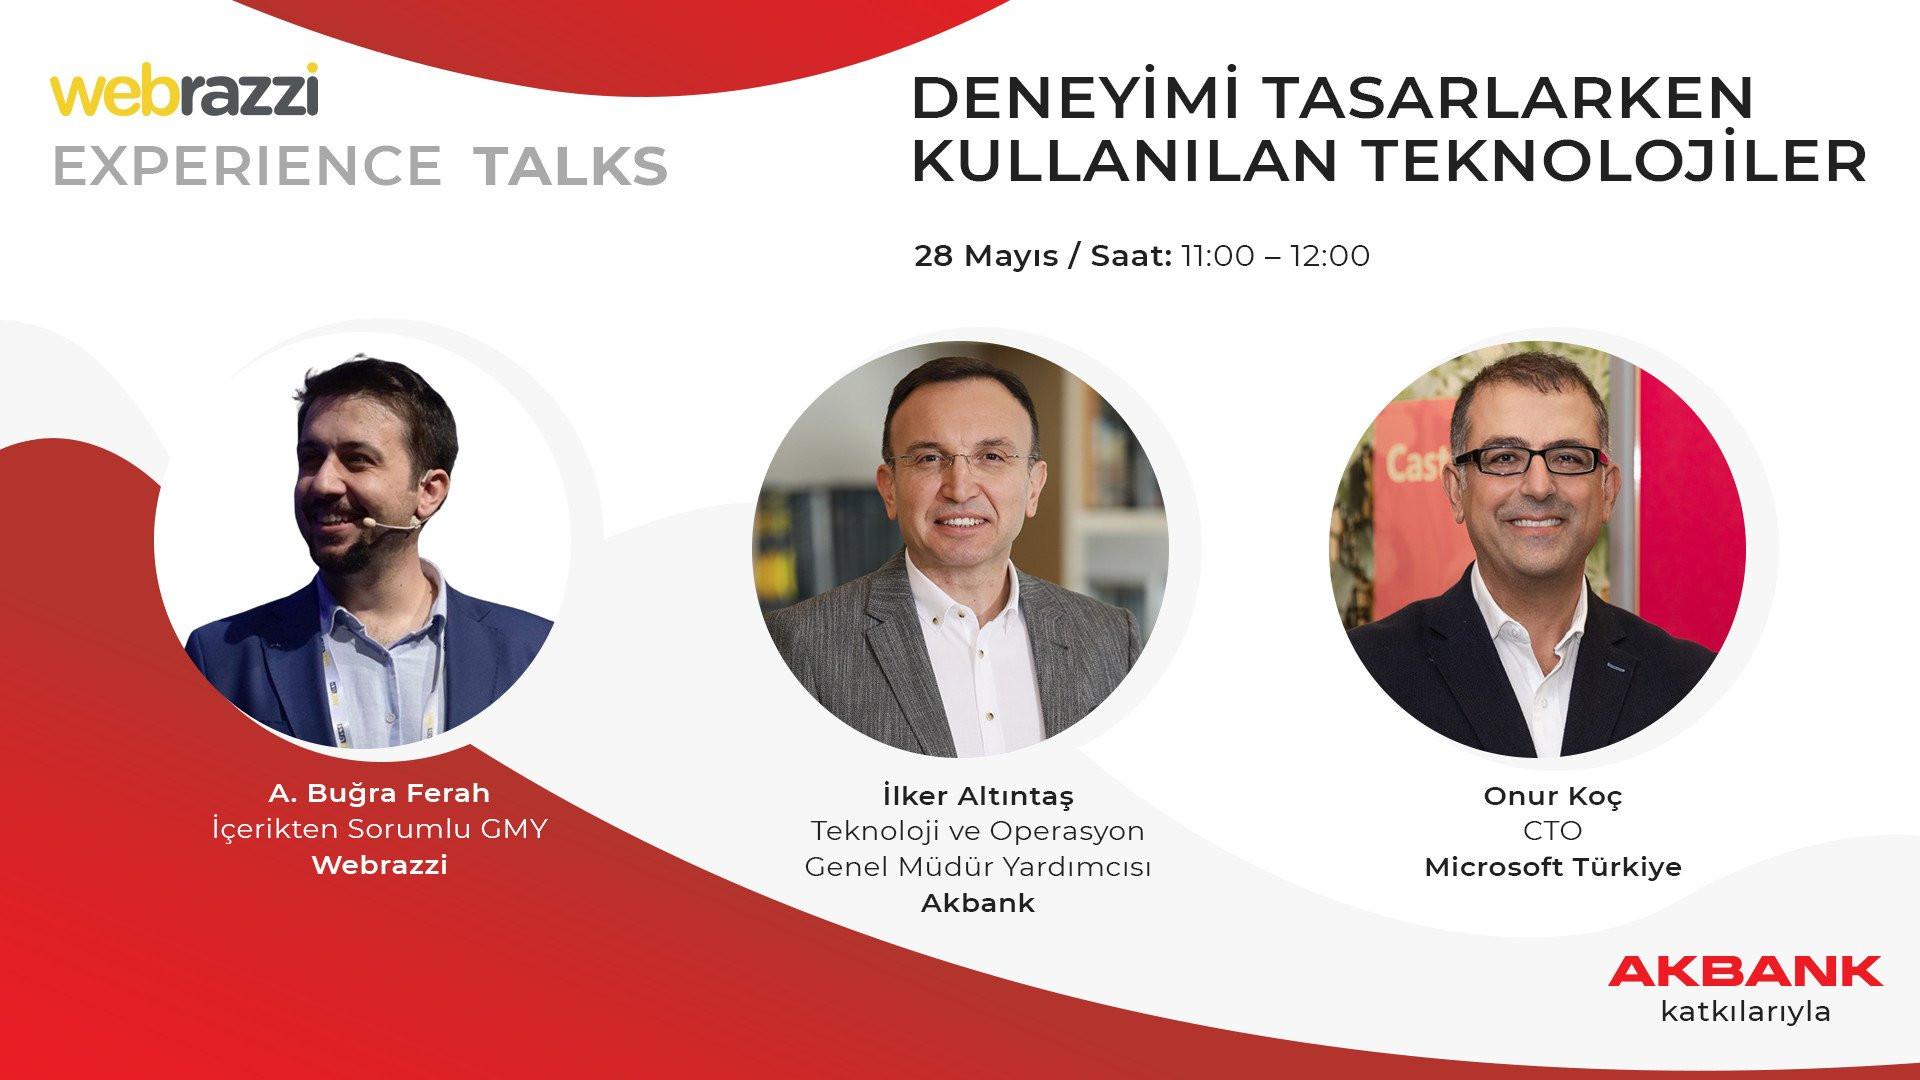 Experience Talks: Deneyimi Tasarlarken Kullanılan Teknolojiler Canlı Yayın